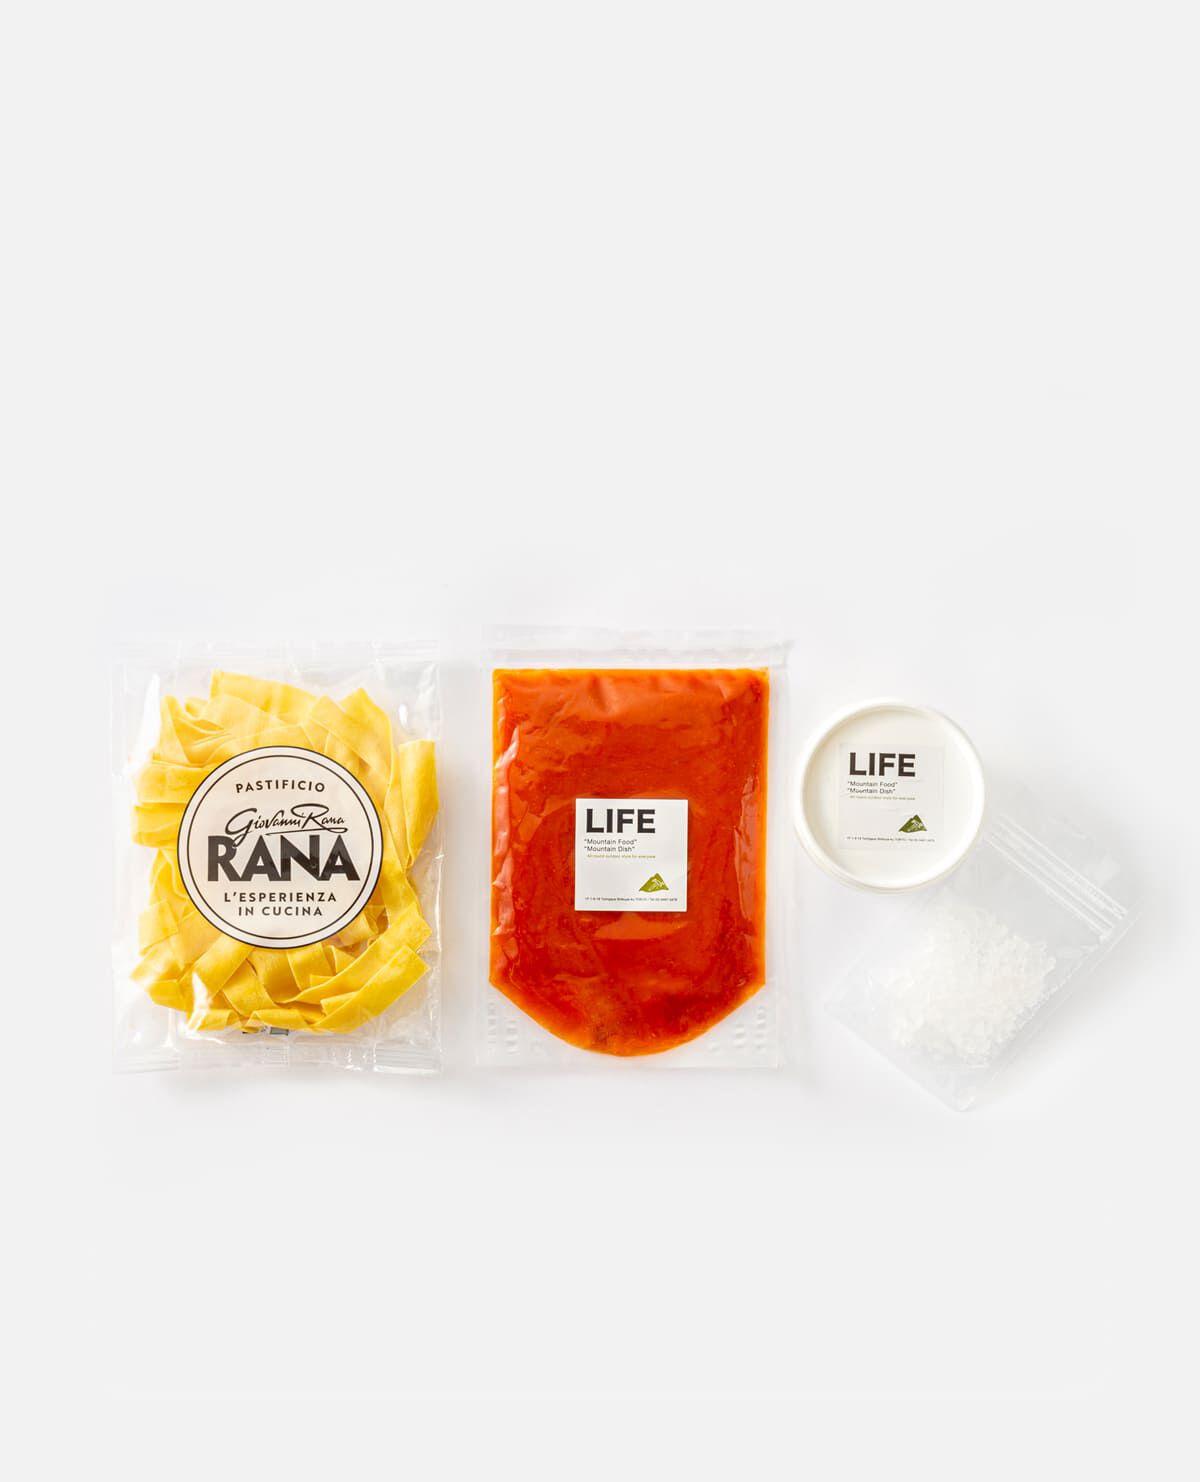 イタリアンミールセット(トマトソースパスタとブッラータチーズのセット)2人前 LIFEのお取り寄せ